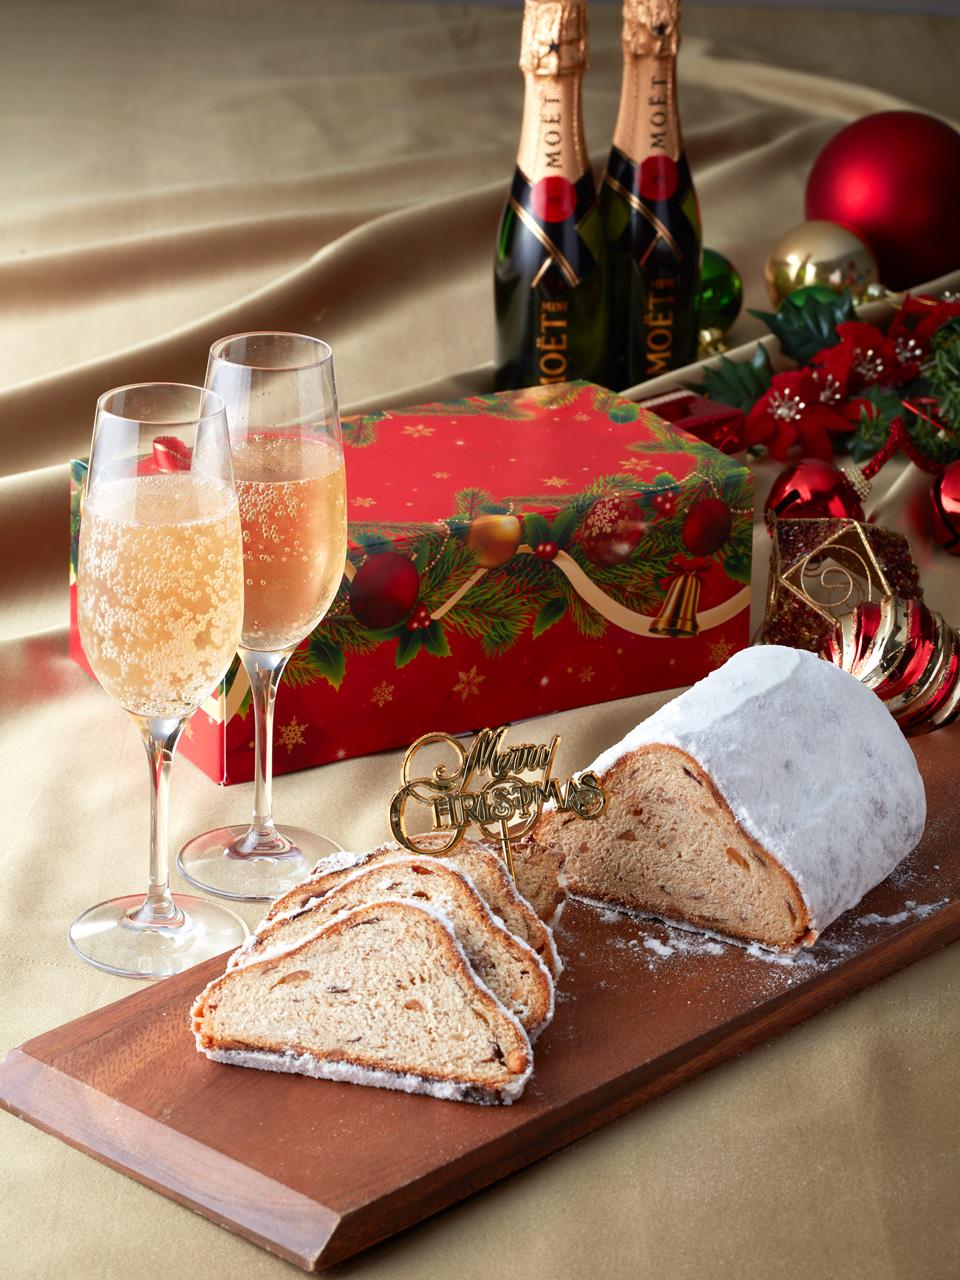 レンブラントホテル厚木のクリスマスケーキ【2020】ご予約受付開始